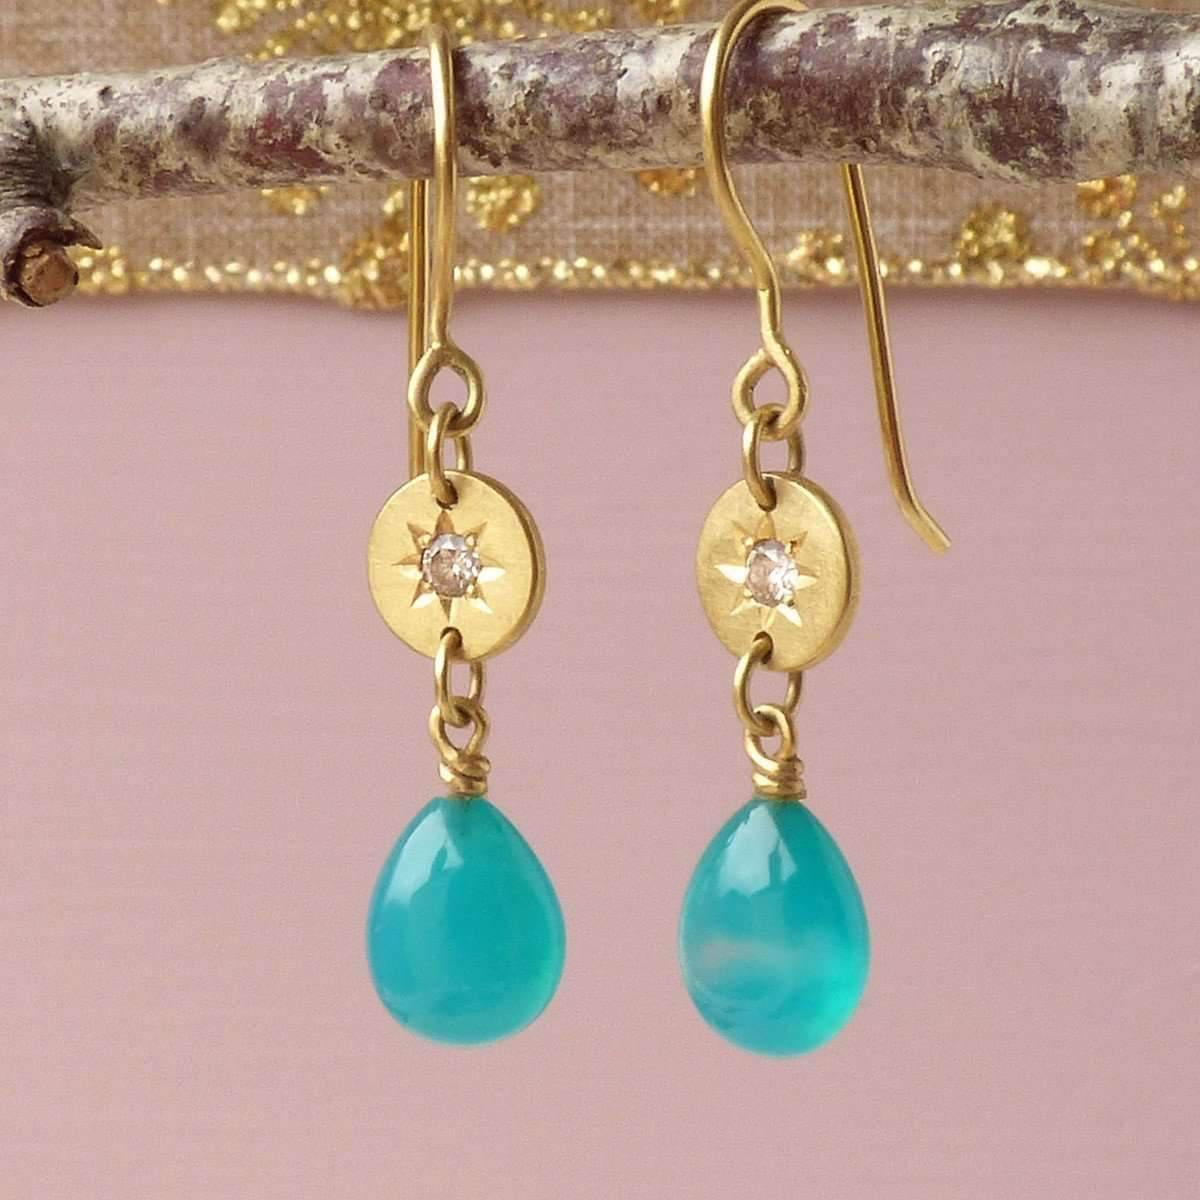 Shakti Ellenwood 18kt Eloise Earrings TNLq0BV